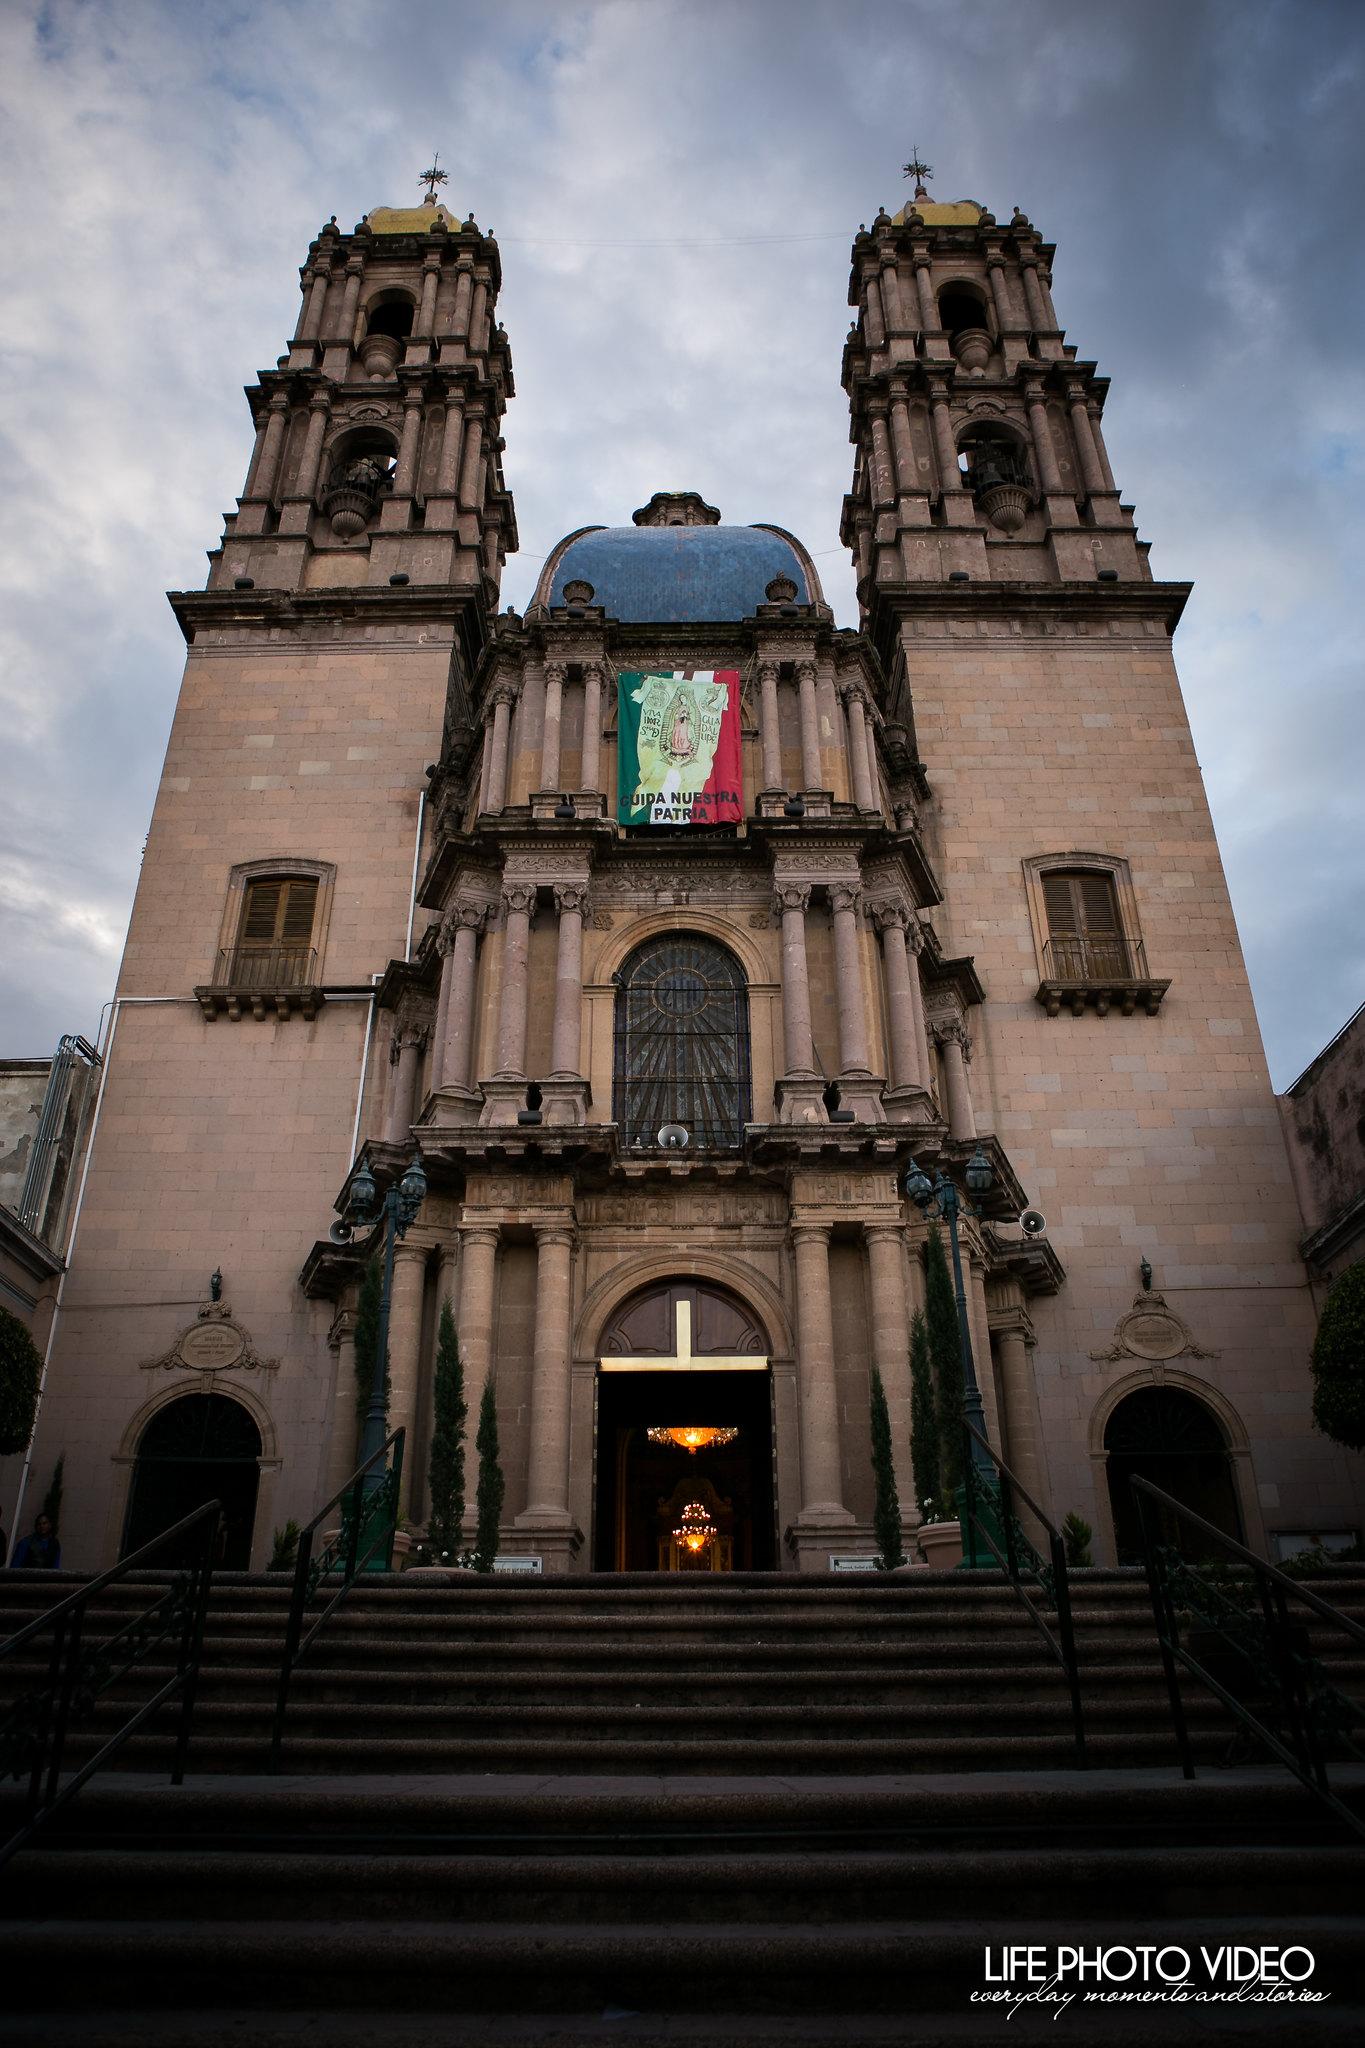 Boda_Leon_Guanajuato_LifePhotoVideo